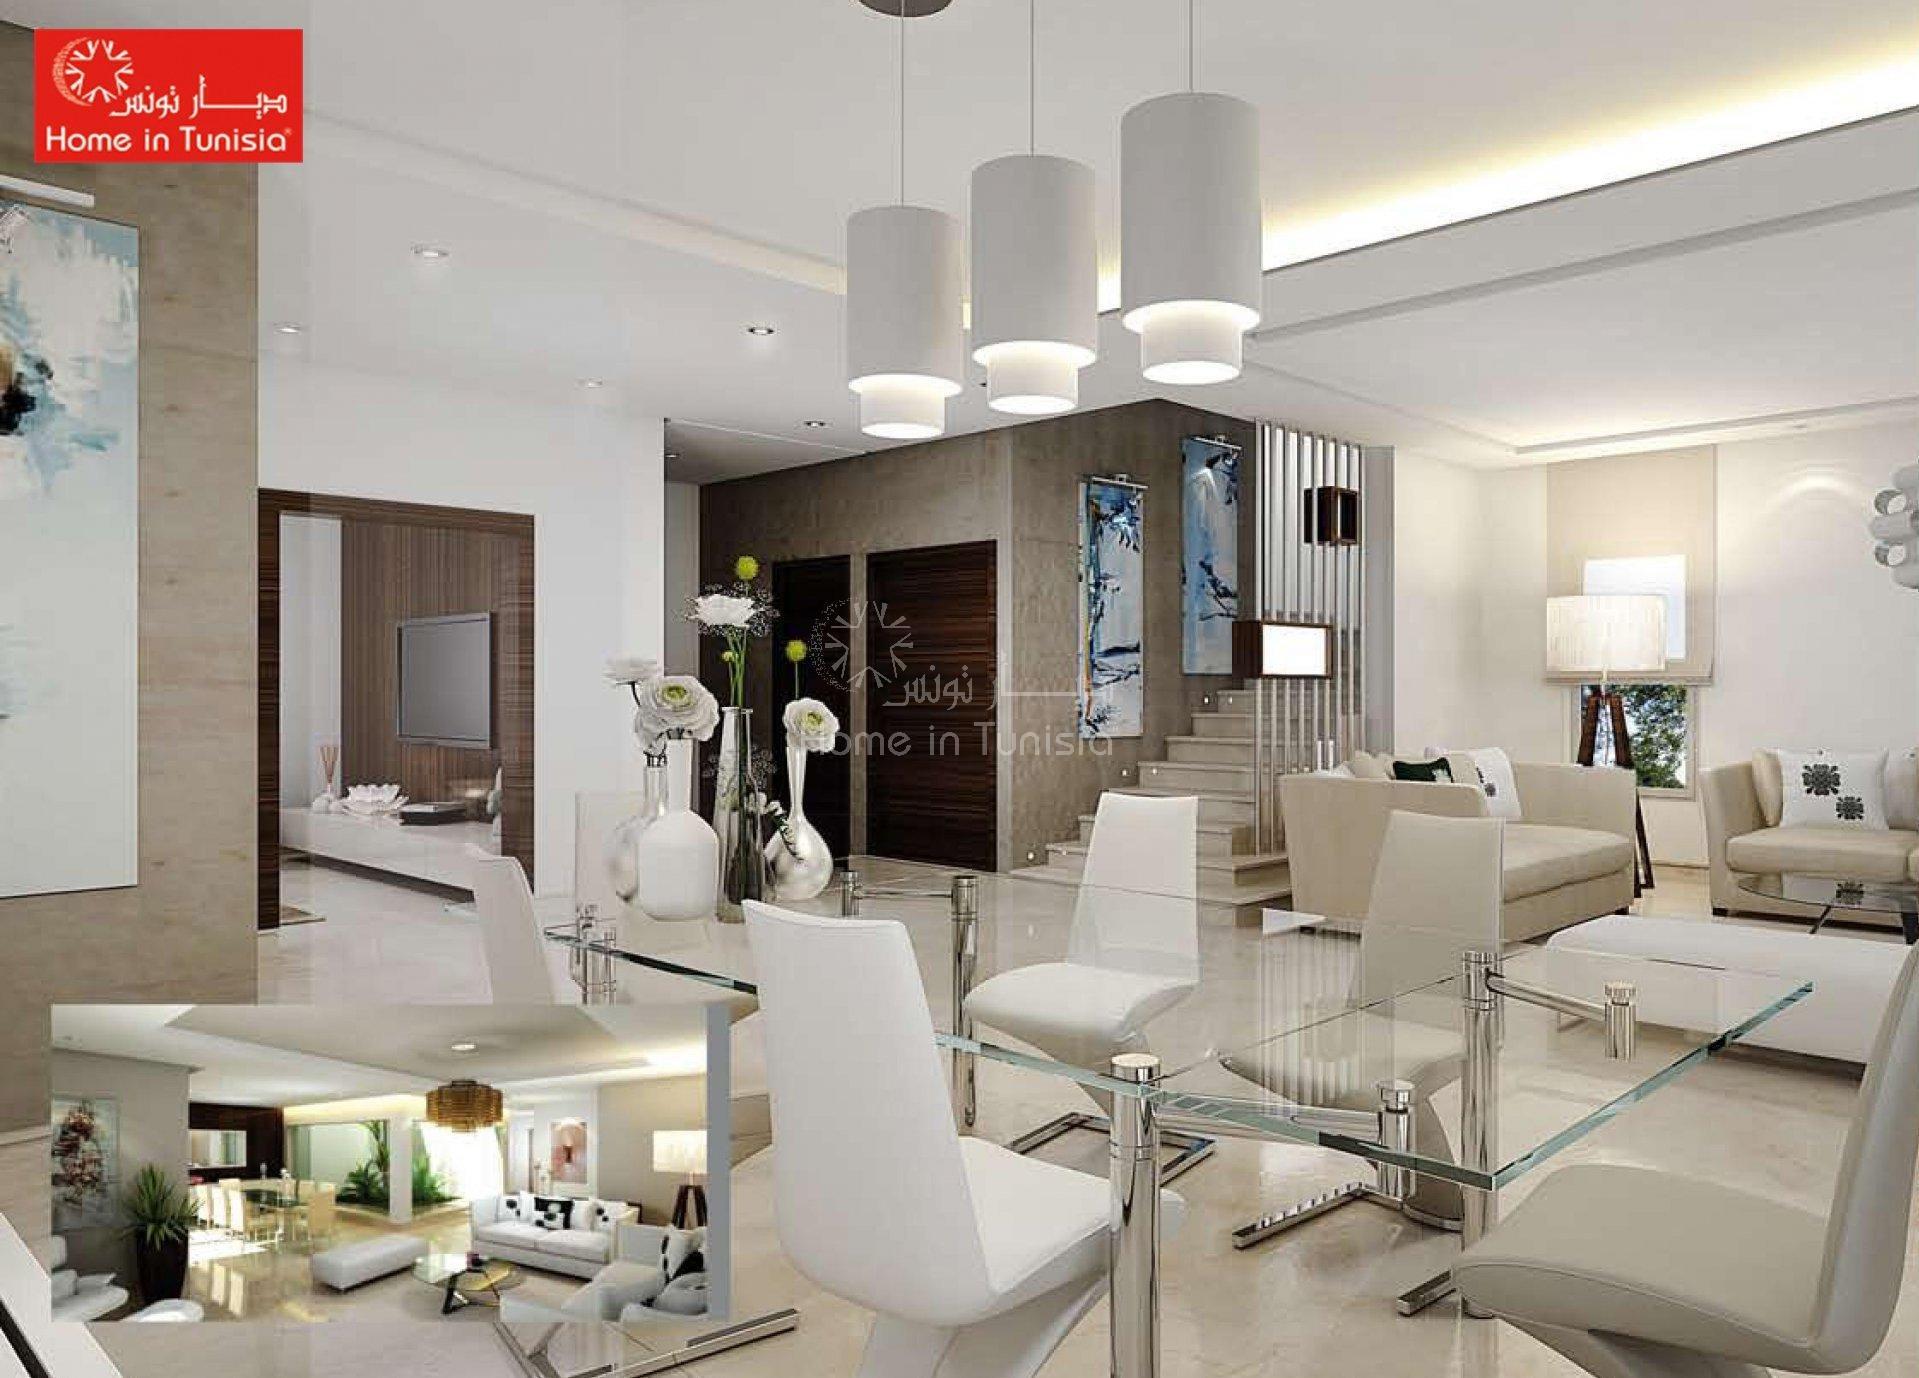 Villa golf isolée neuve de 367 m2 avec 4 chambres terrasse jardin piscine